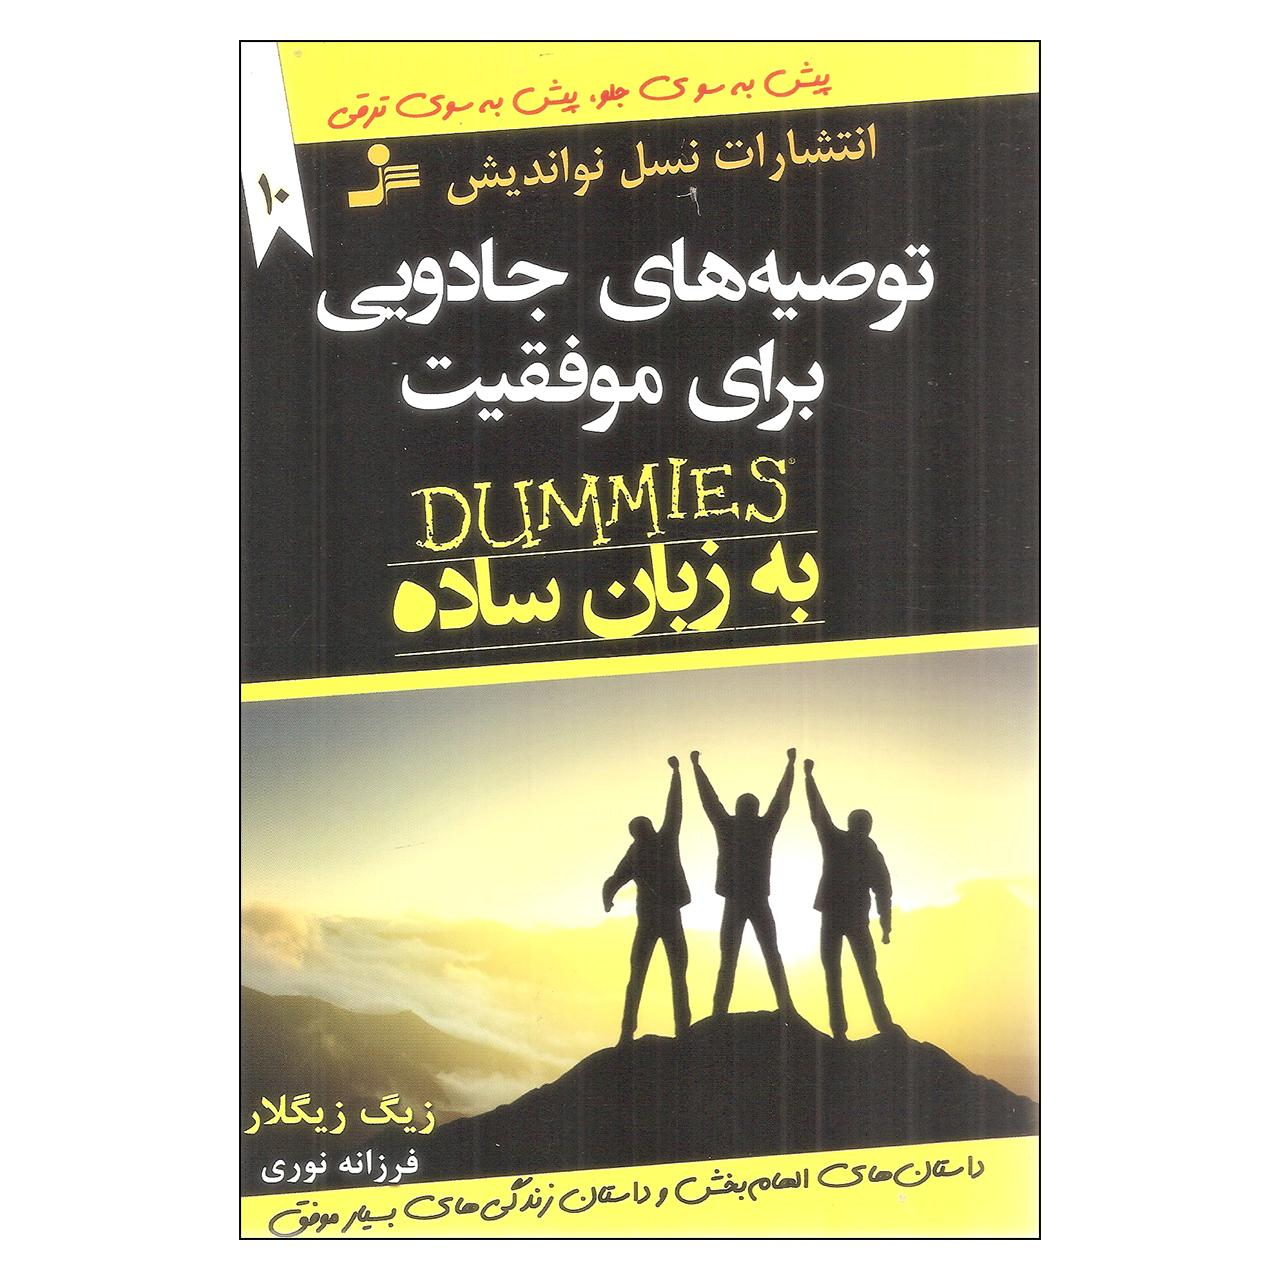 کتاب توصیه های جادویی برای موفقیت اثر زیگ زیگلار انتشارات نسل نواندیش